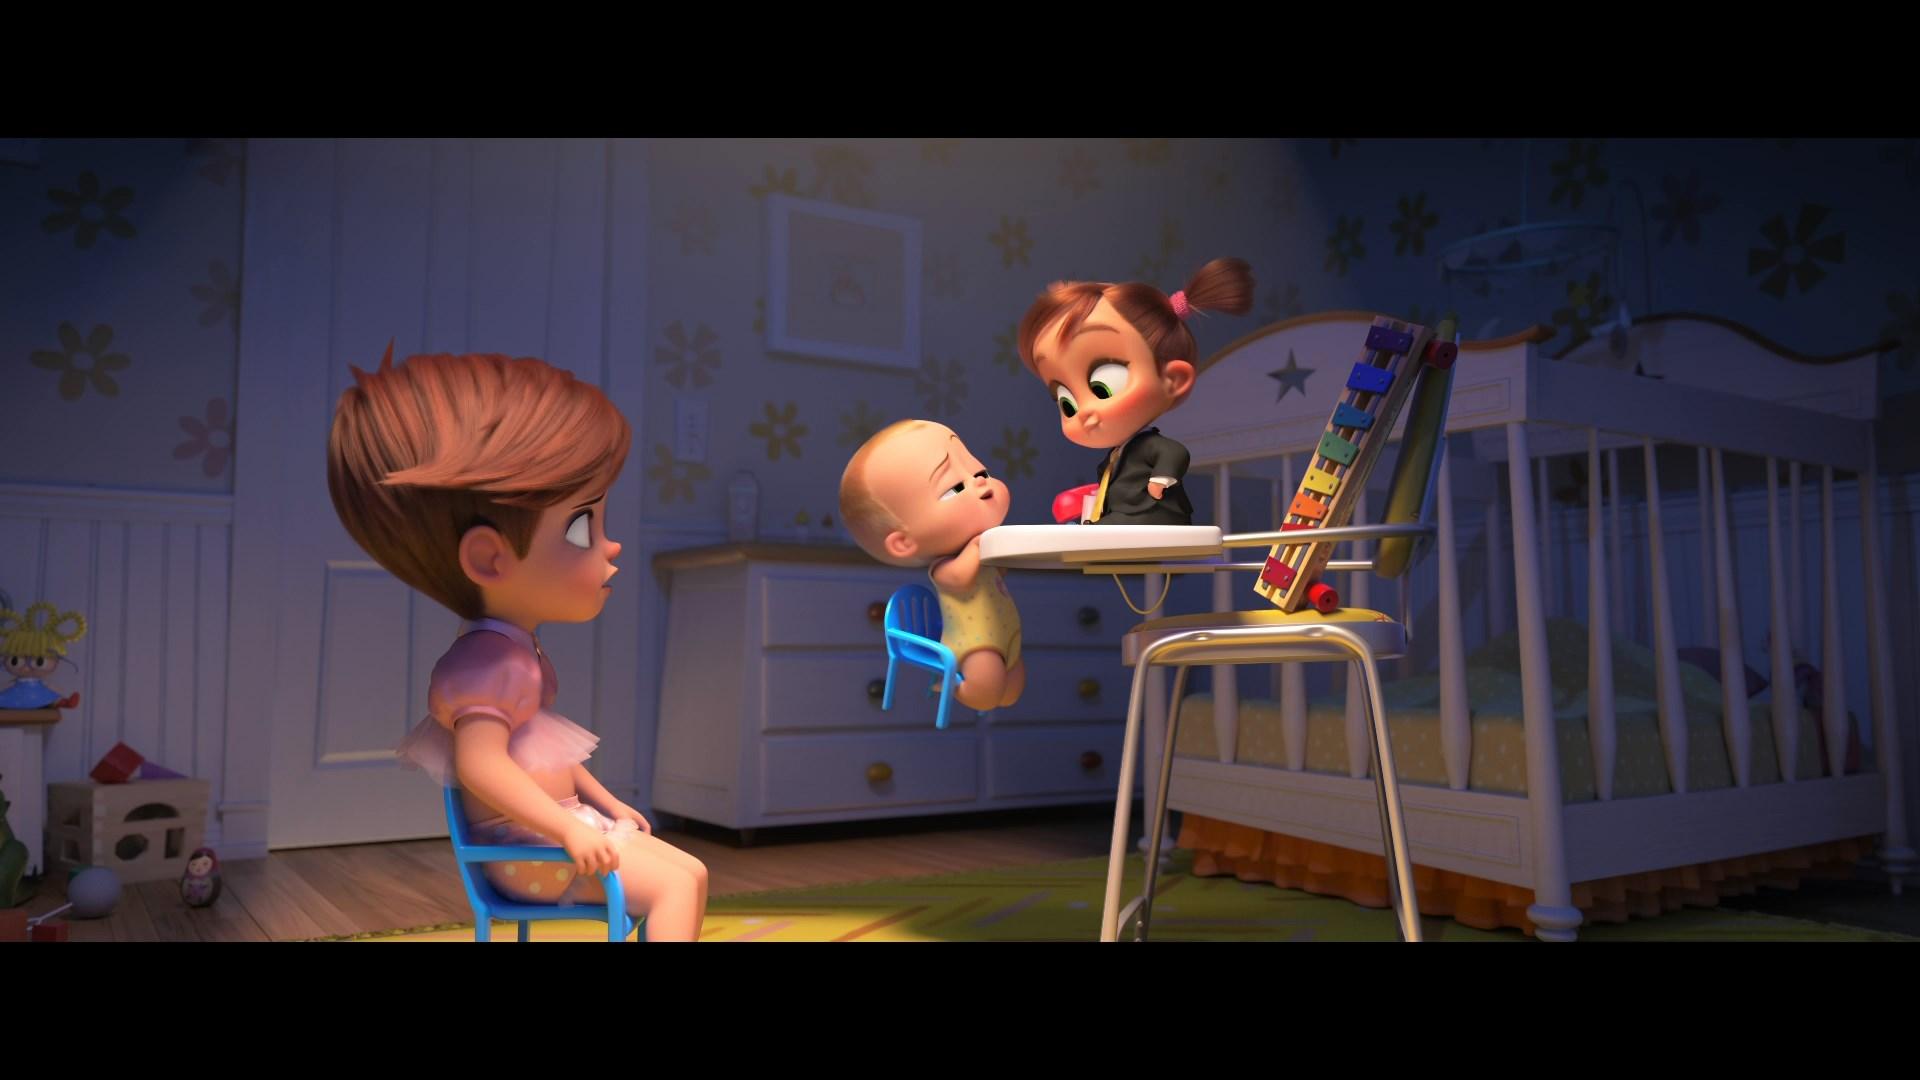 Un jefe en pañales 2: Negocios de familia (2021) 1080p WEB-DL Latino